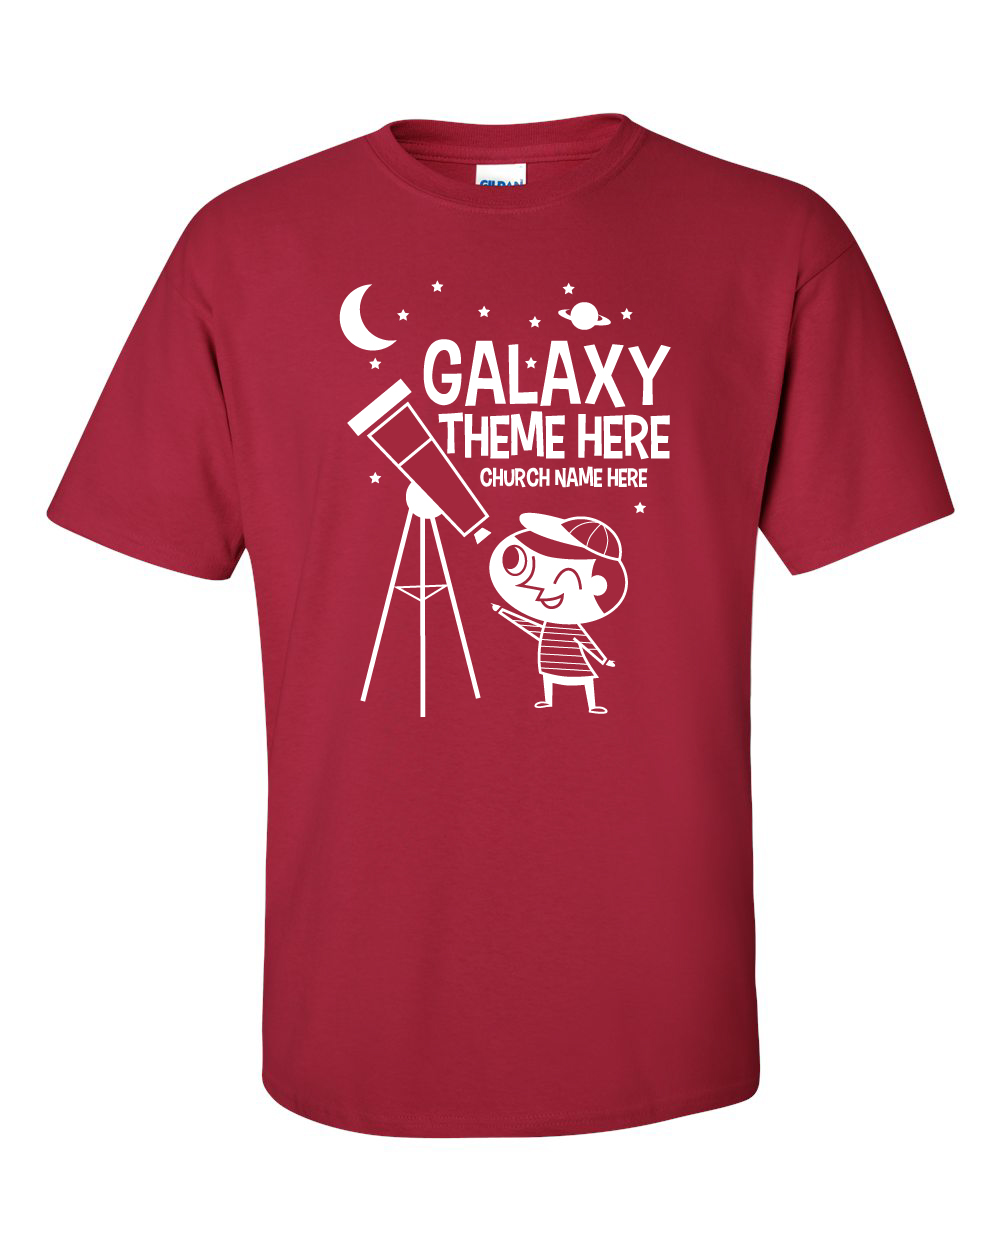 Galaxy 1-03.jpg